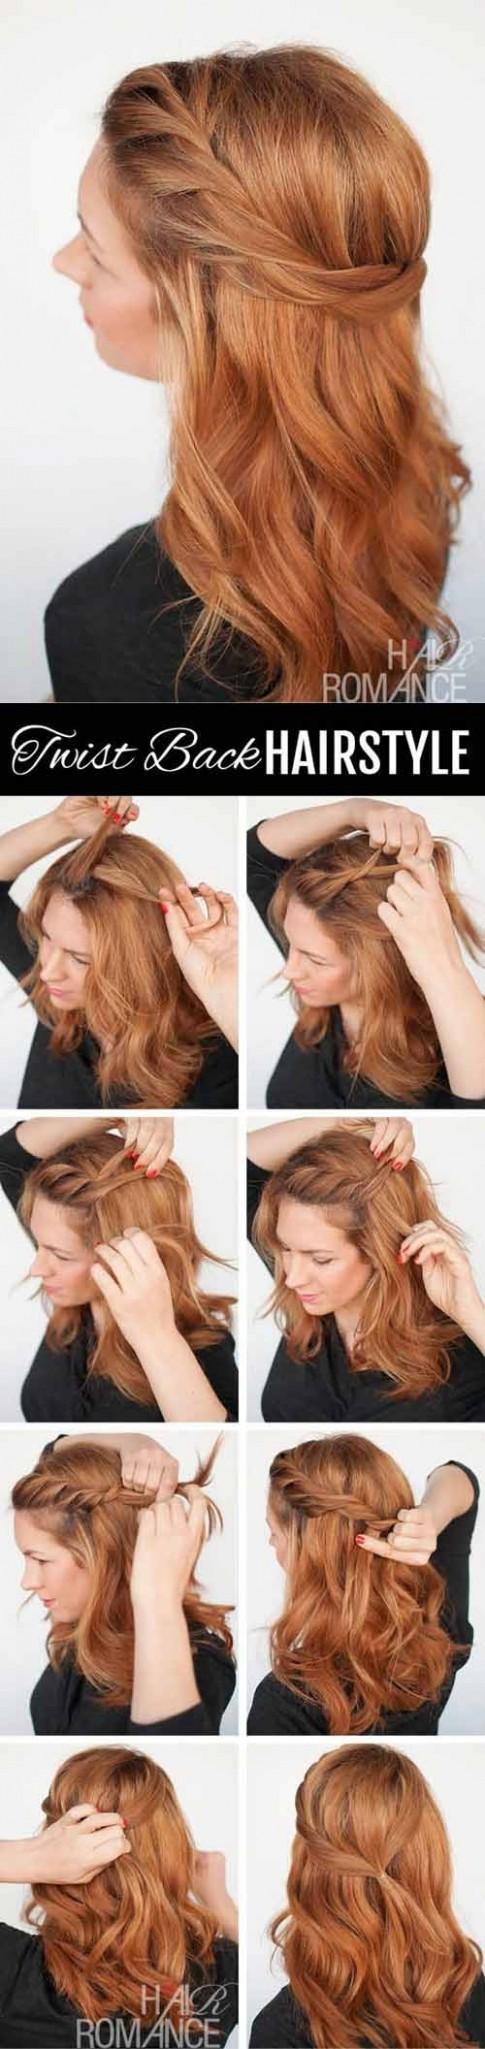 17 kiểu tóc nhanh, đẹp, mát mẻ cho cô nàng bận rộn